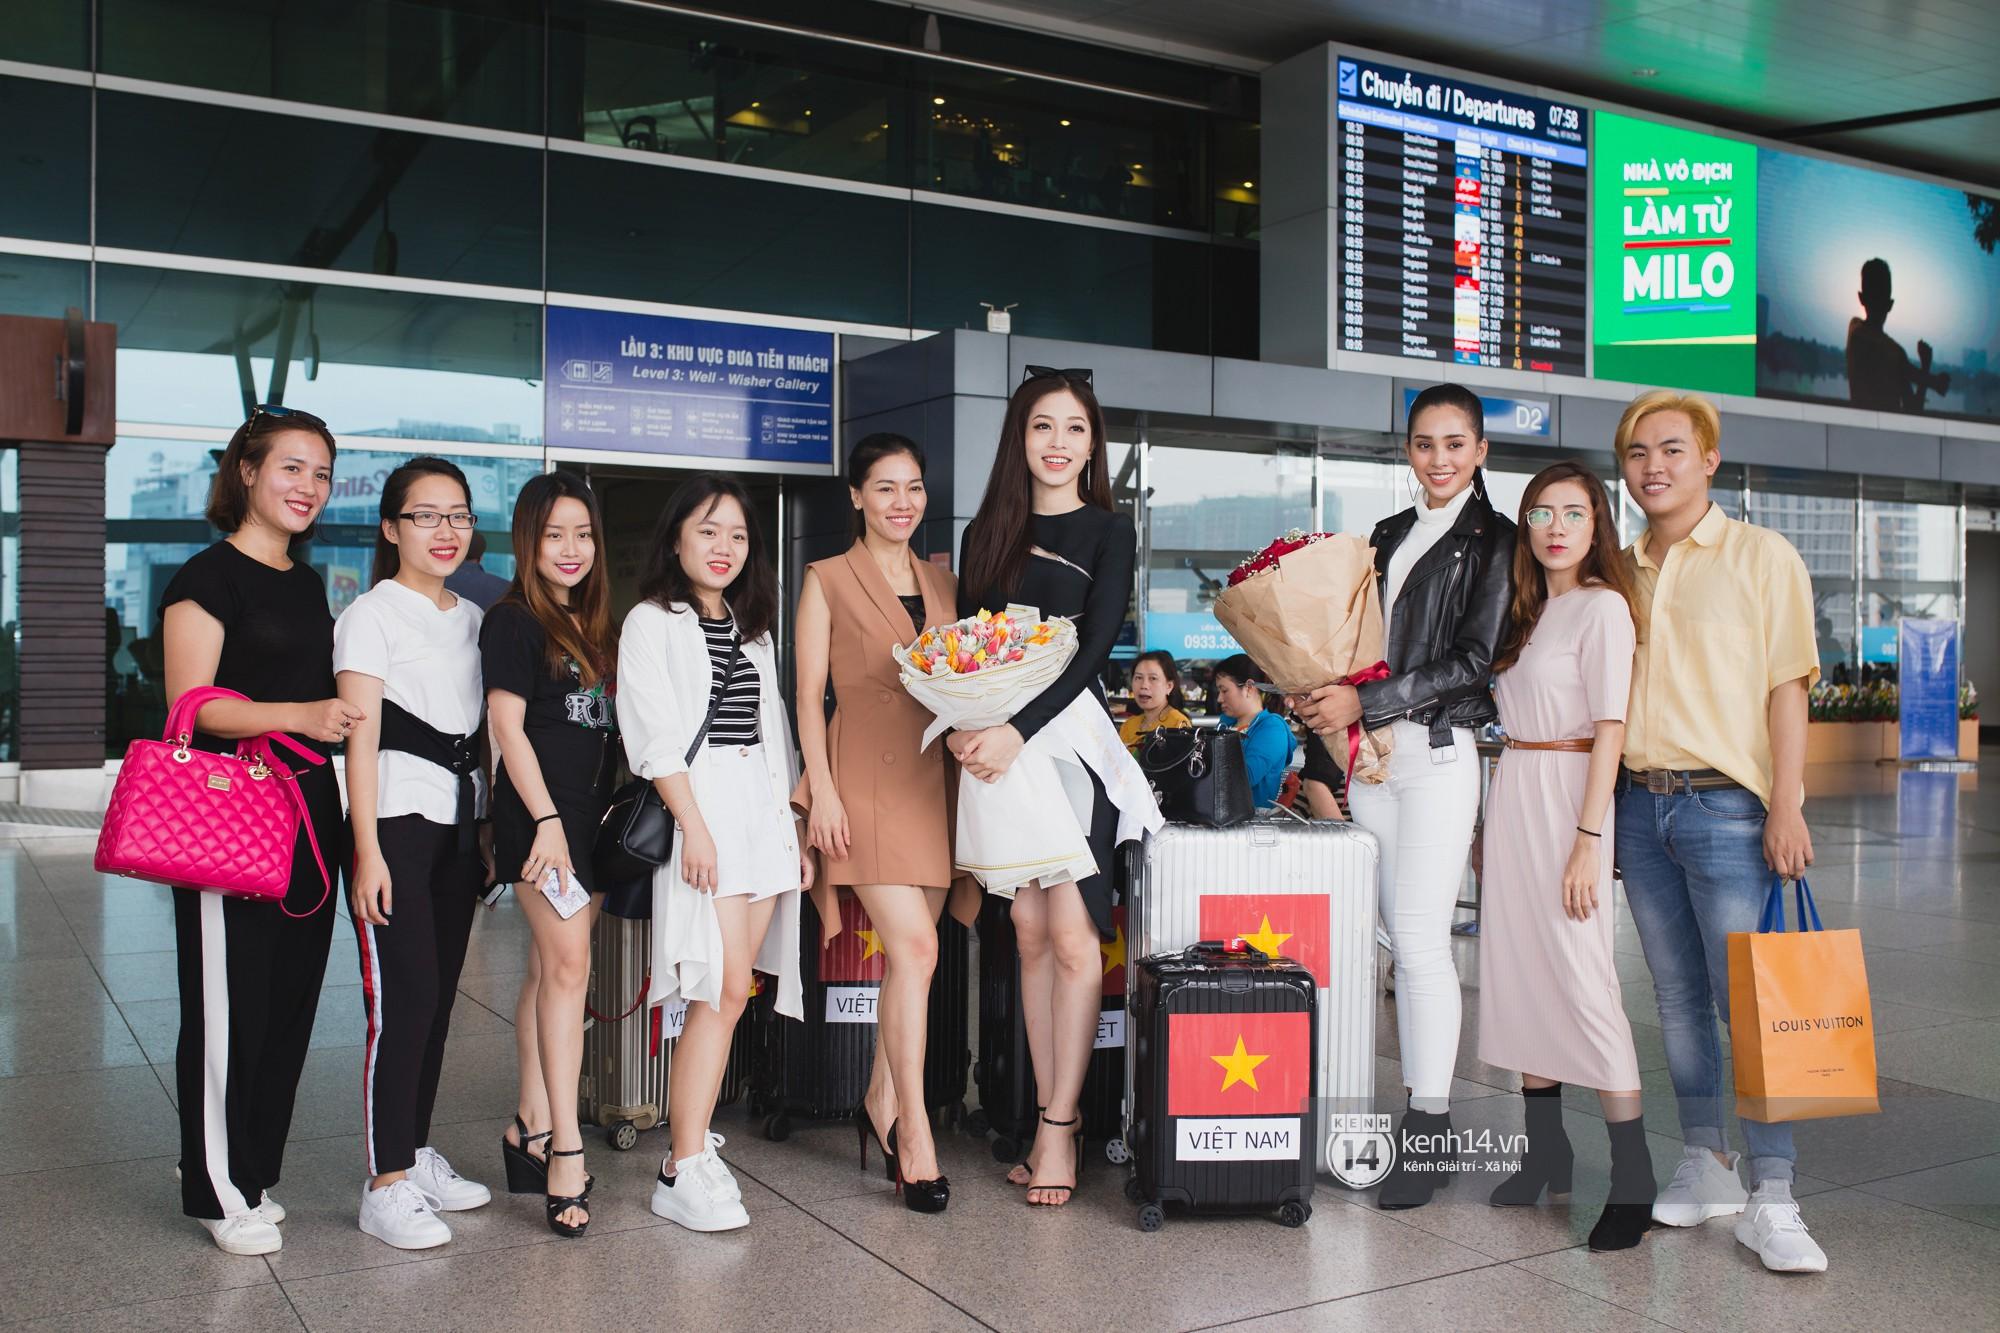 Vừa trở về từ Pháp tức thì, Trần Tiểu Vy ở lại sân bay tiễn Bùi Phương Nga đi Myanmar tham dự Hoa hậu Hoà bình Quốc tế - Ảnh 15.